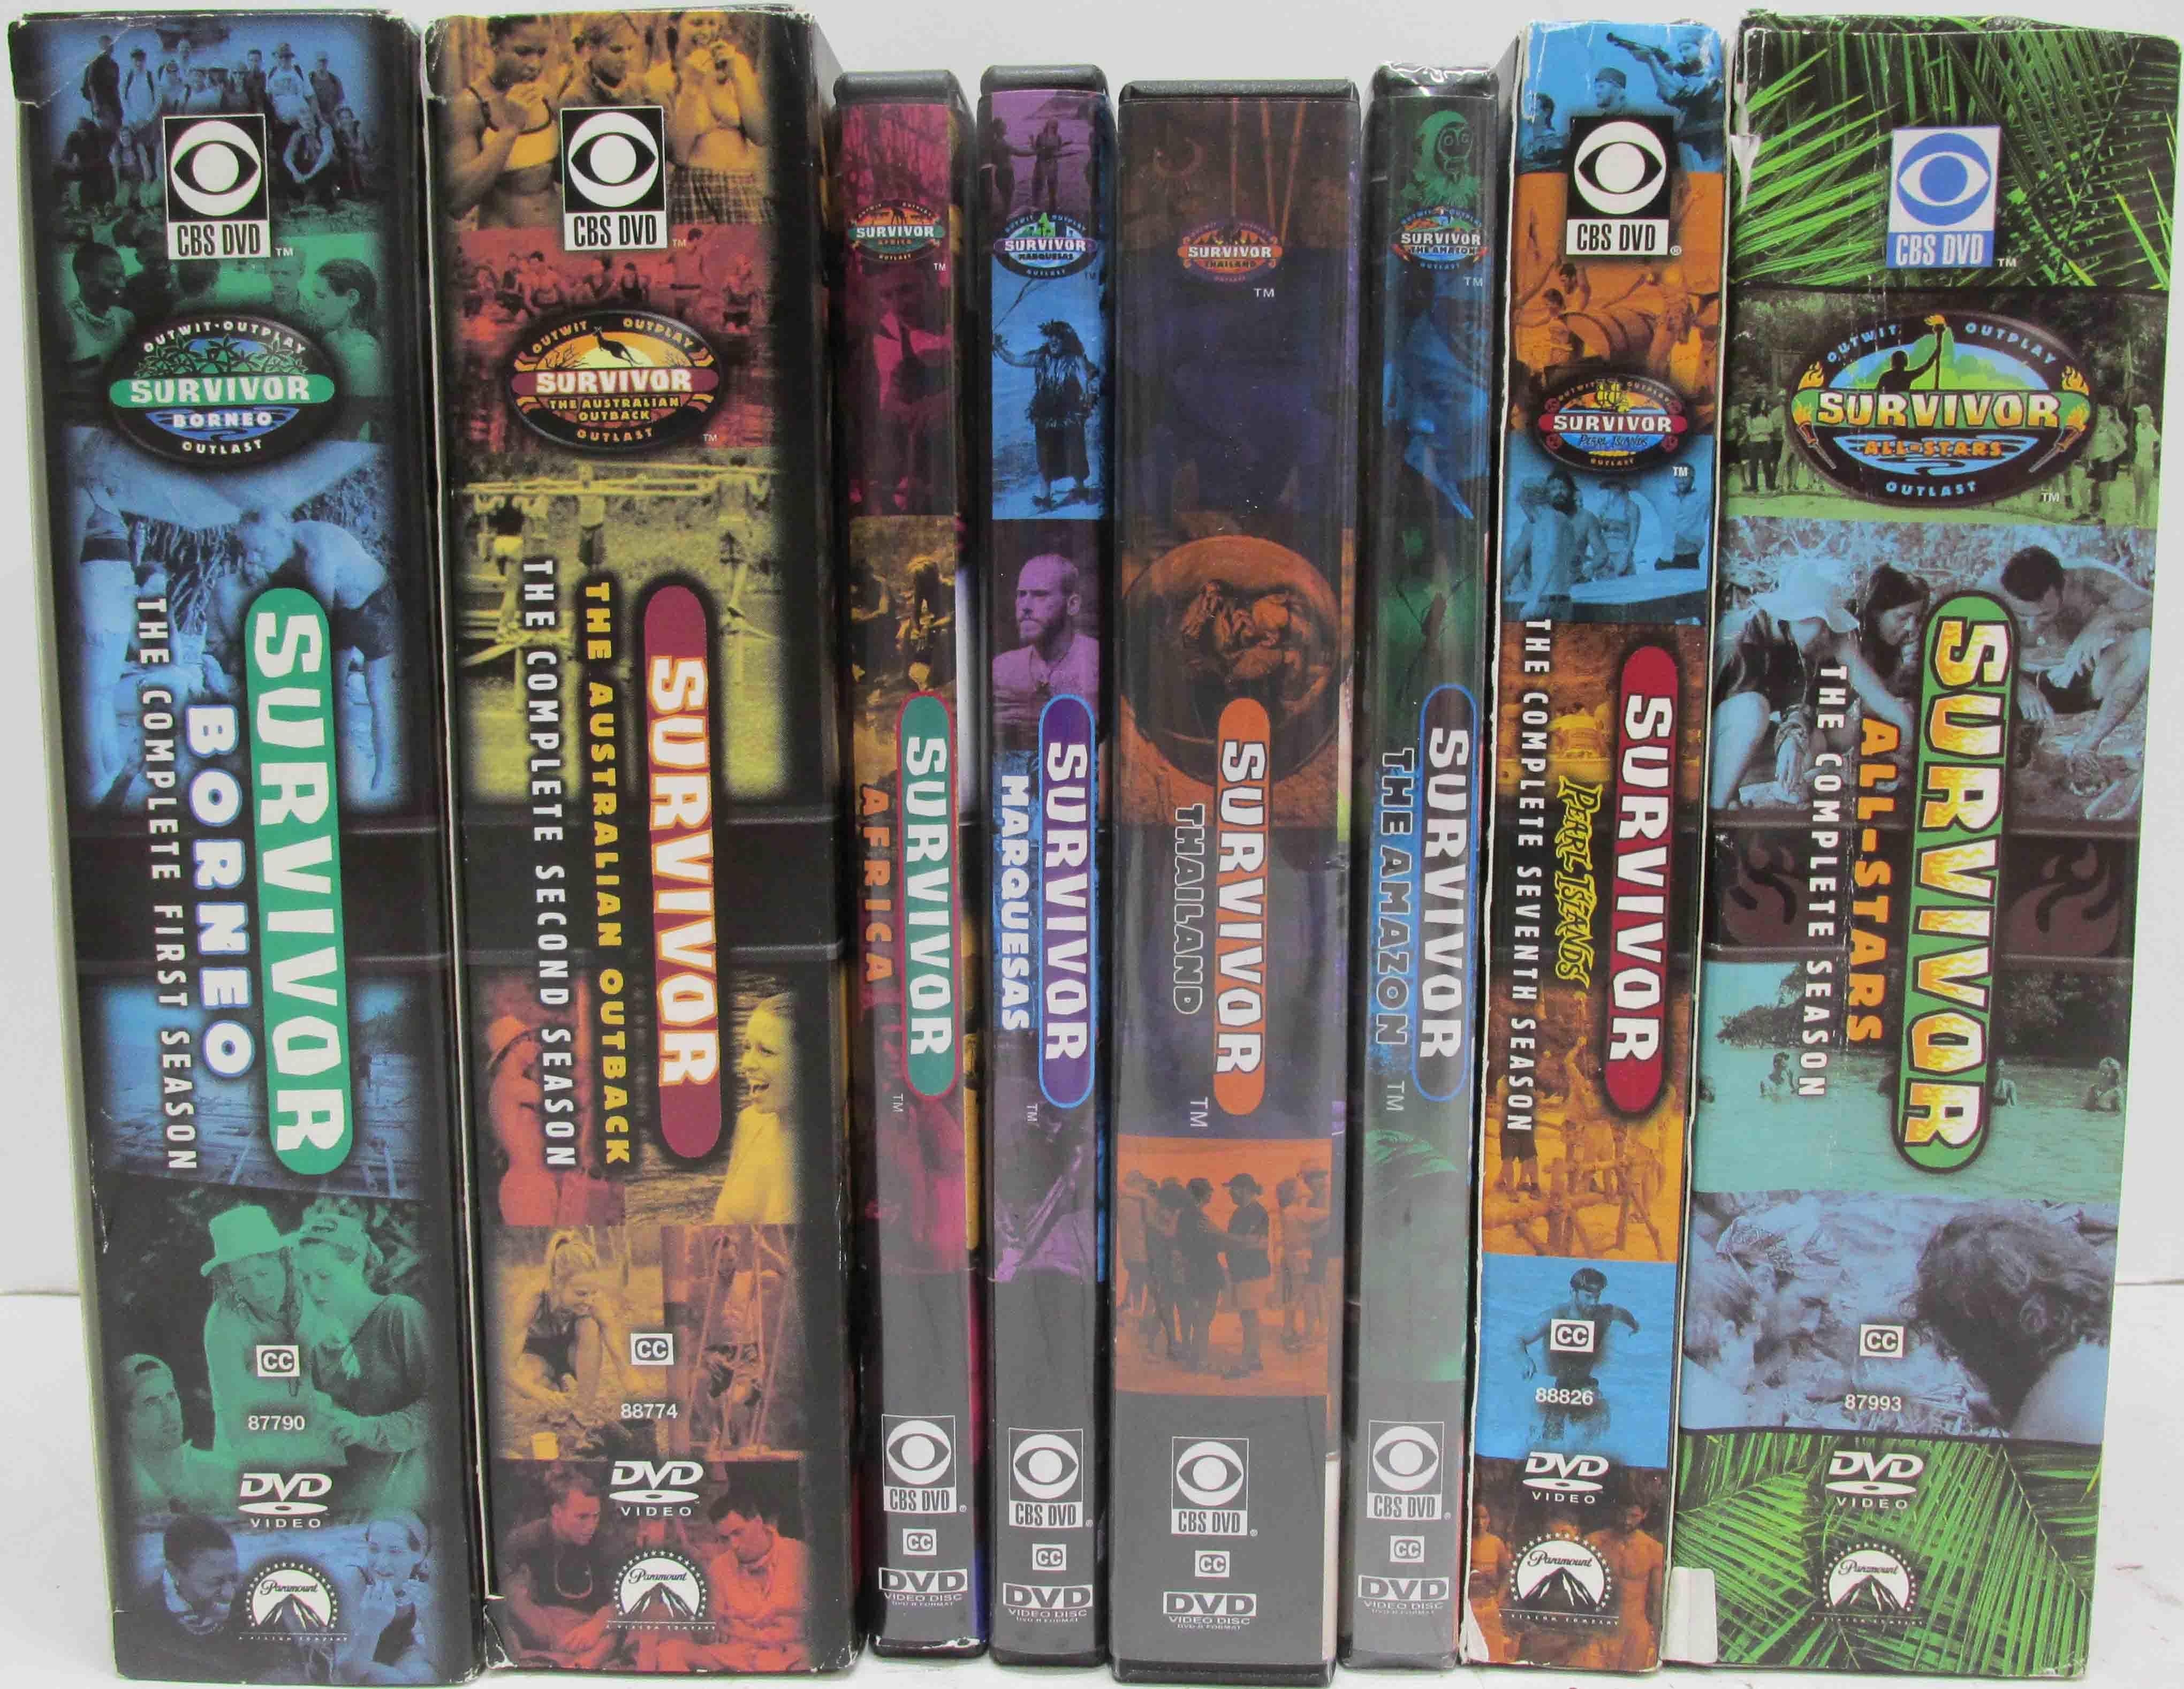 Survivor TV Show DVDs - Seasons 1 - 8